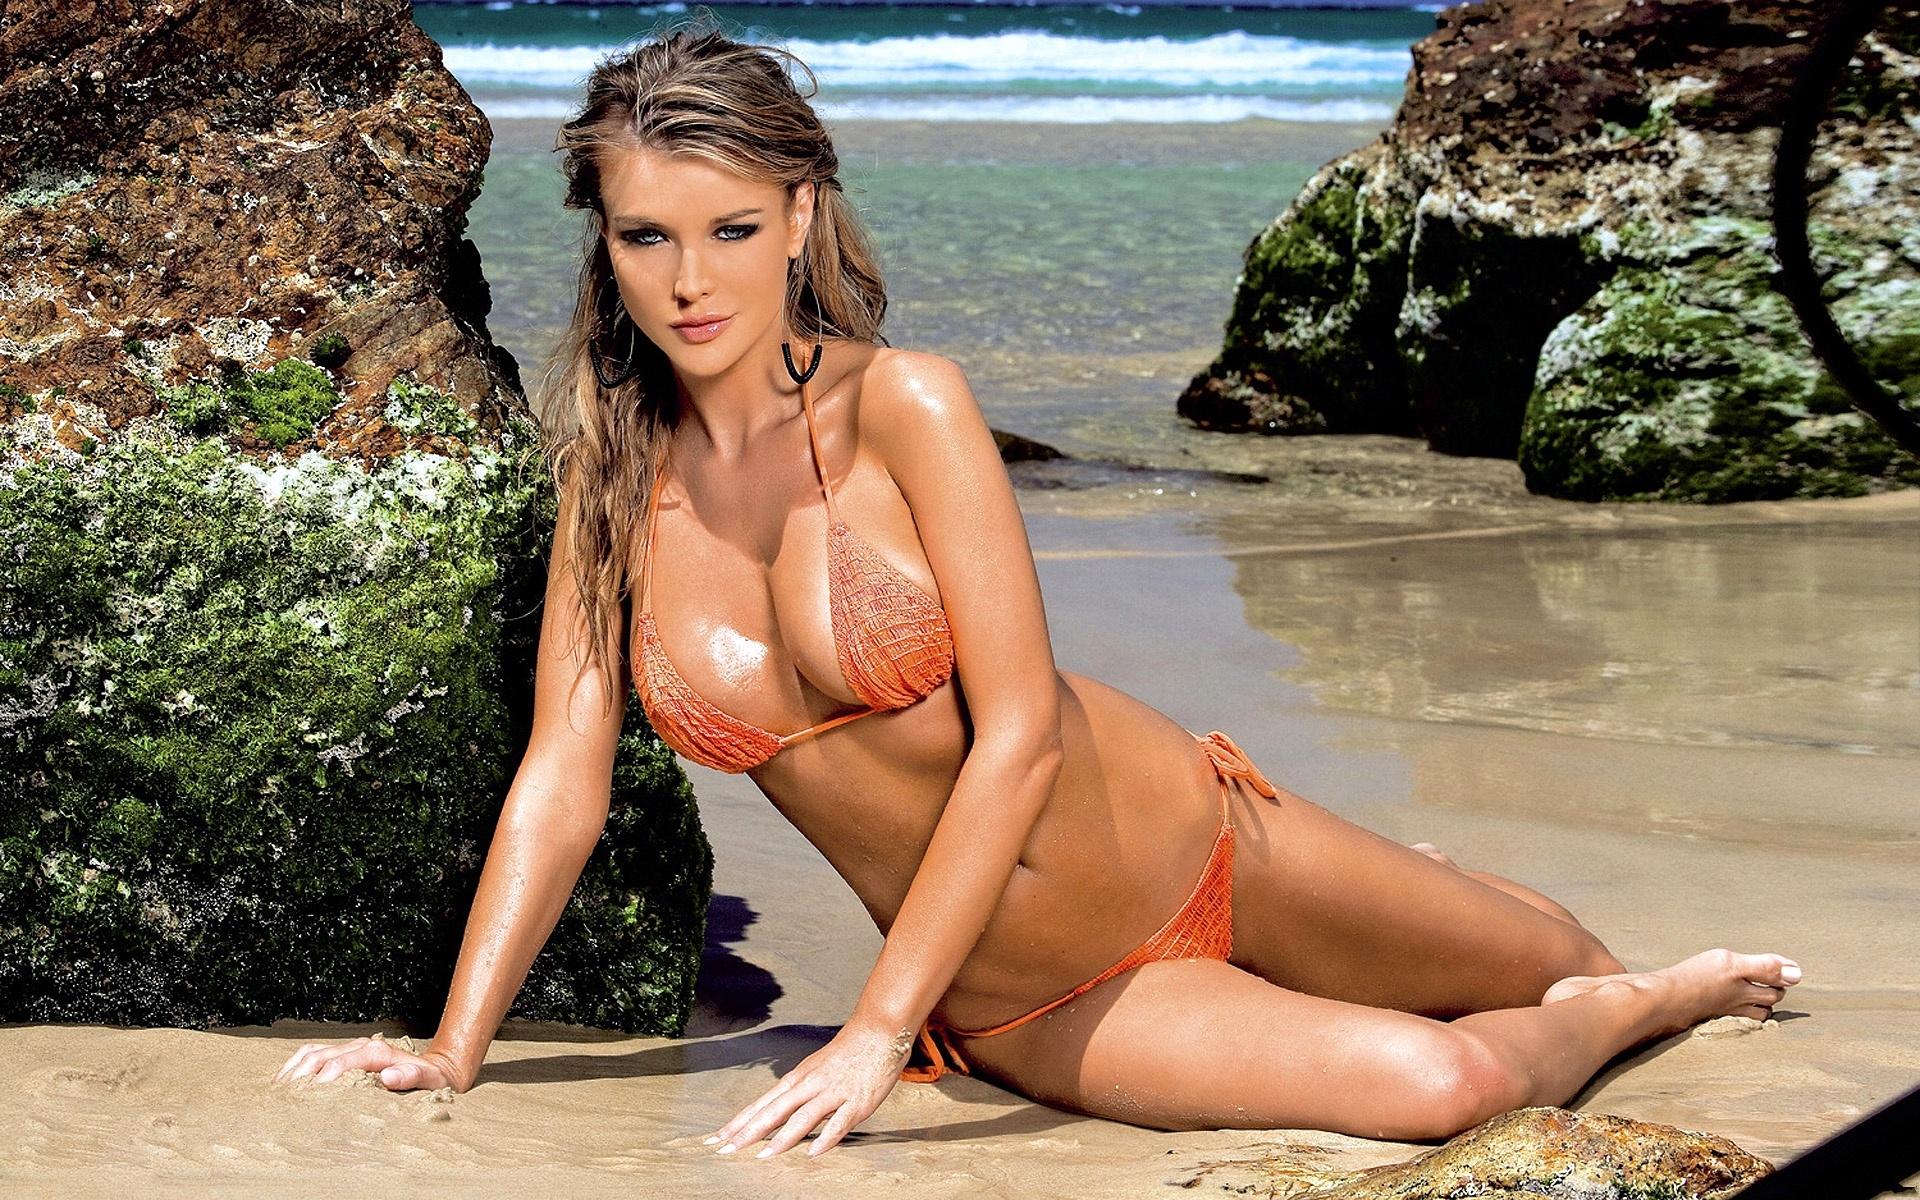 Сайты с красивыми голыми девушками, фото блондинки на аву сексапильность